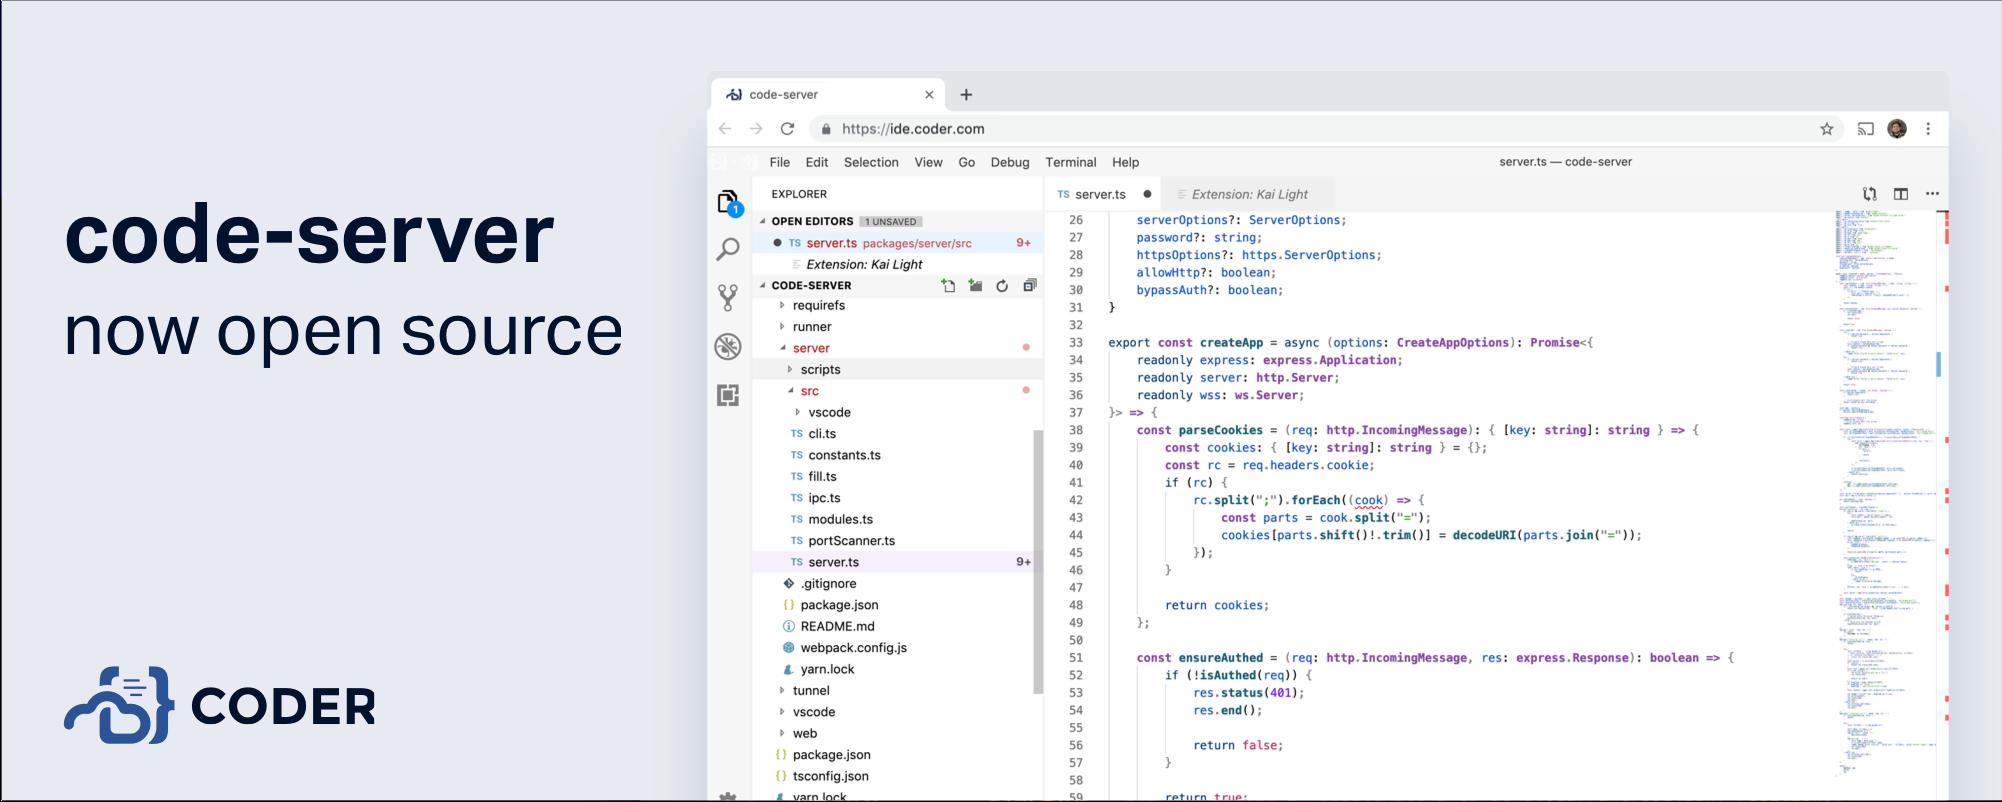 如何使用Docker部署code-server并配置nginx反代